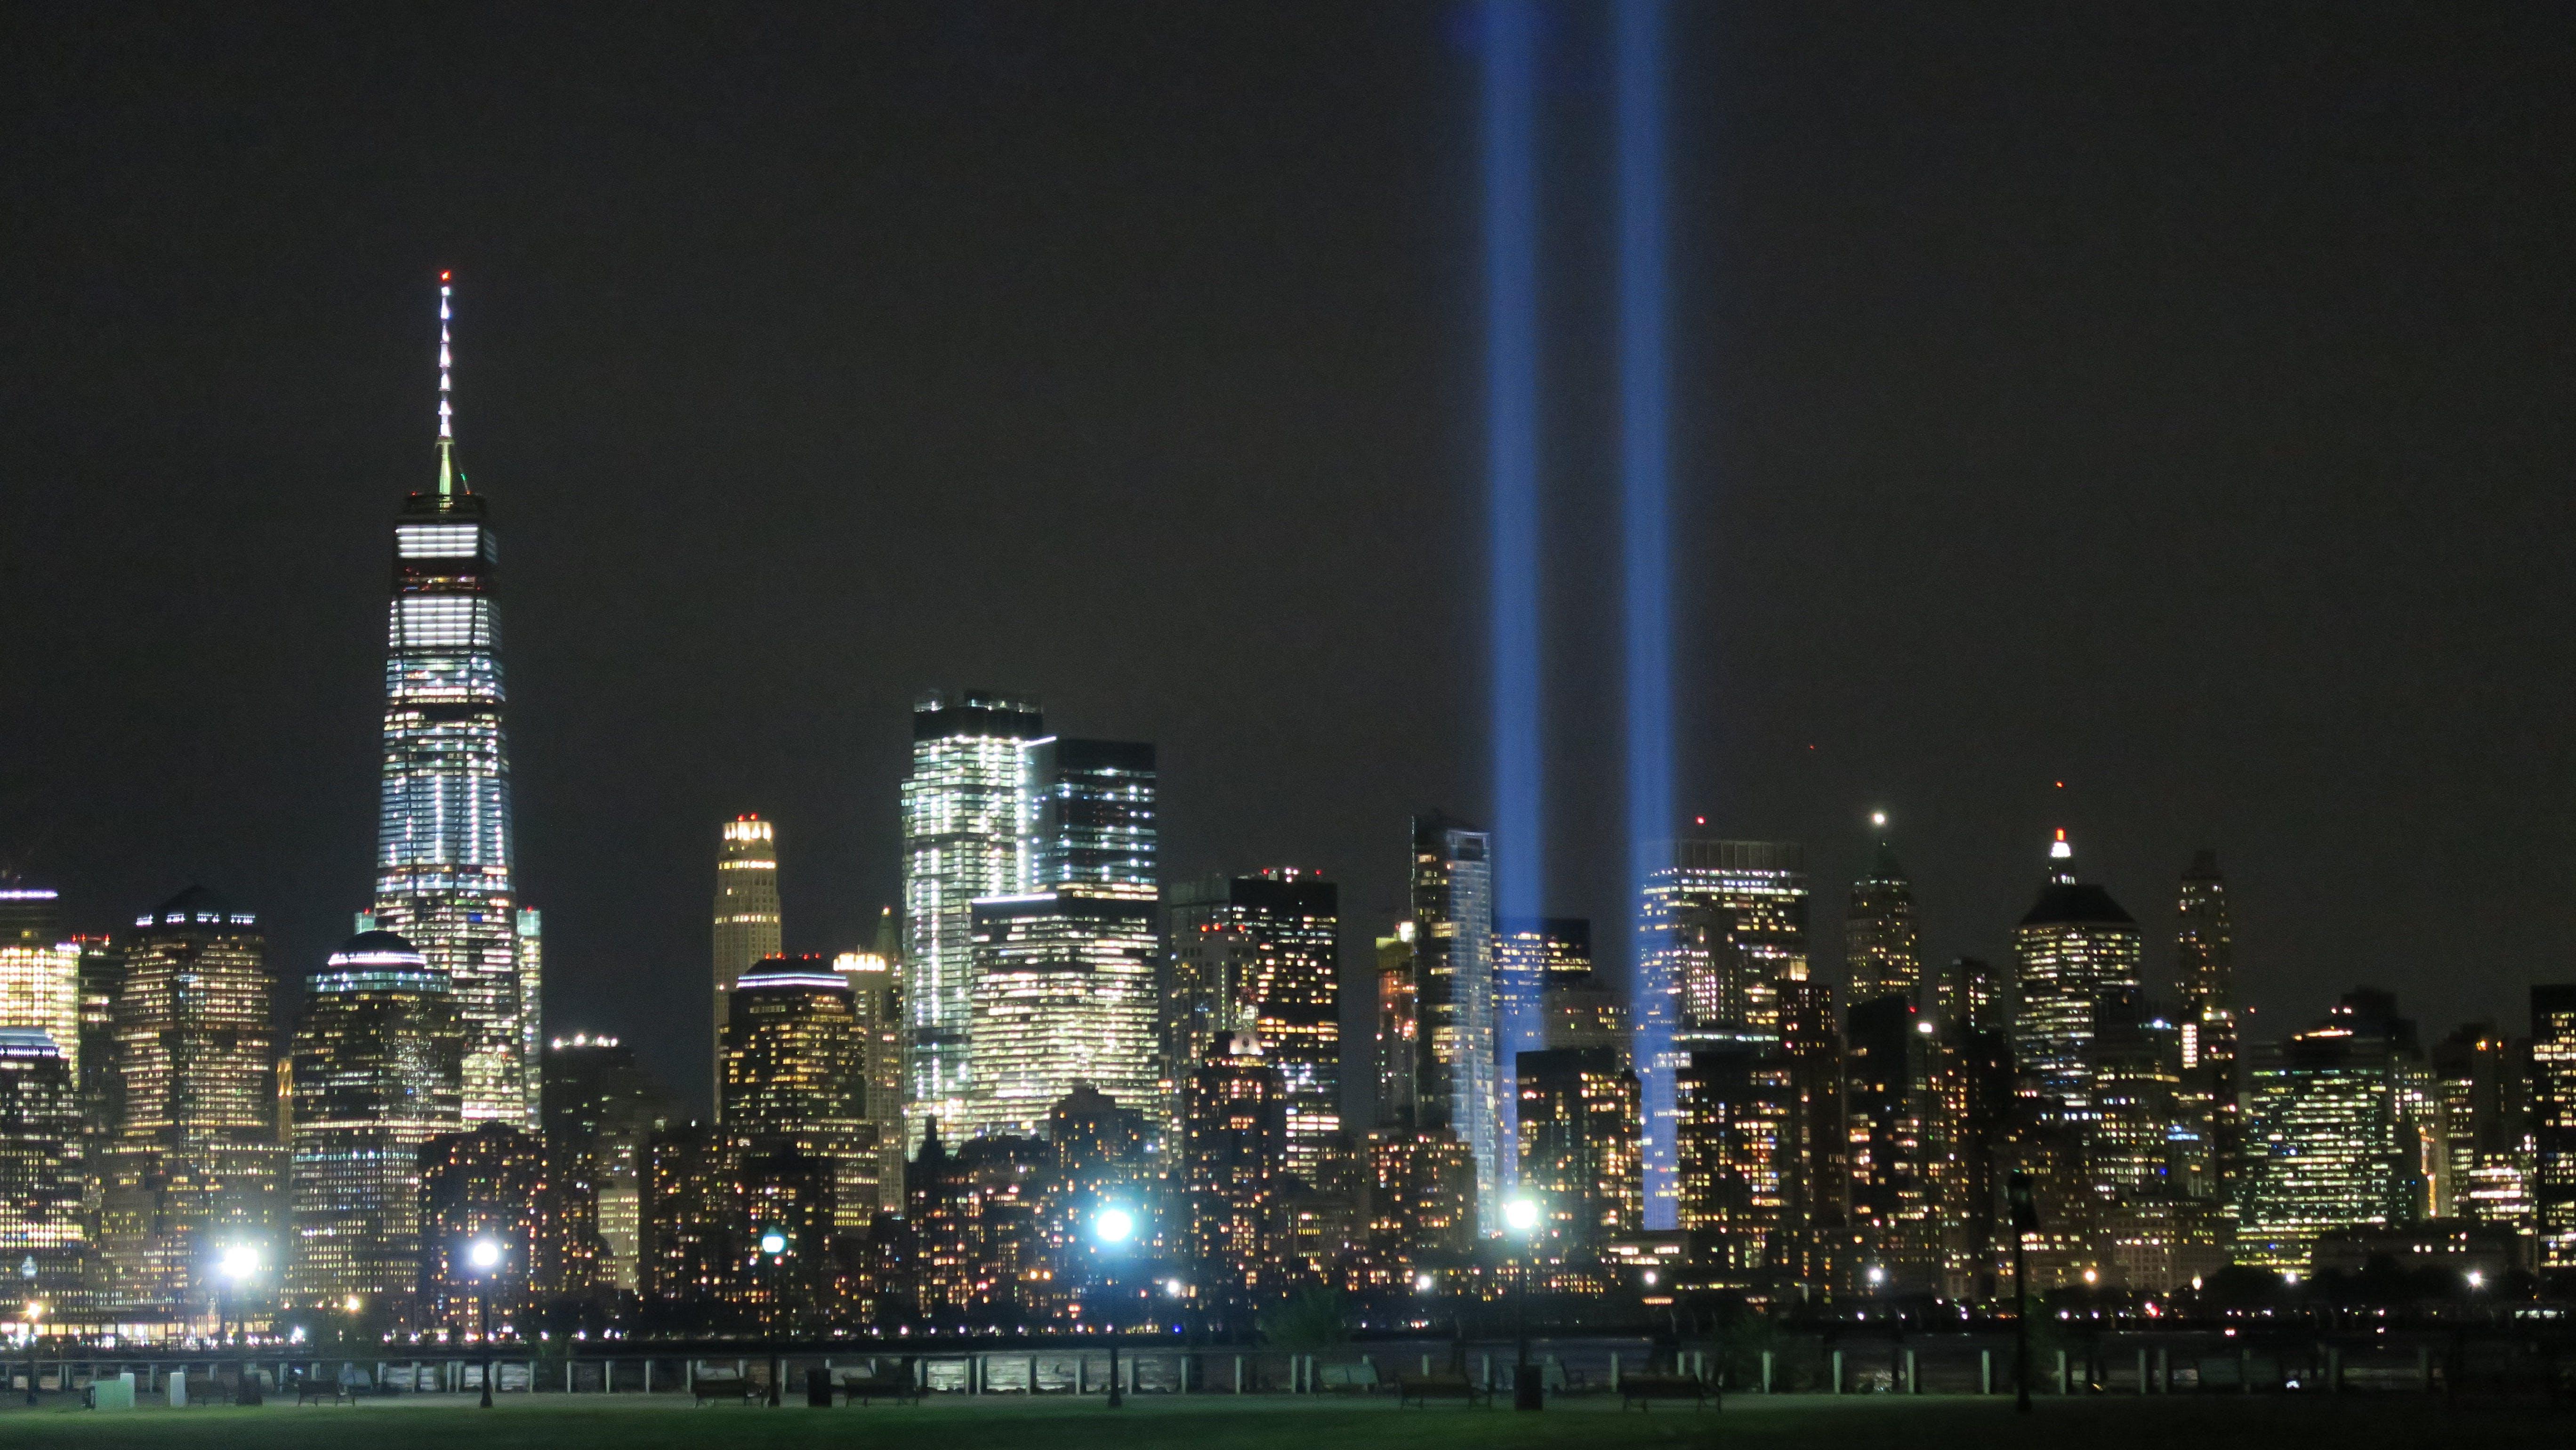 Gratis lagerfoto af 911 mindesmærke